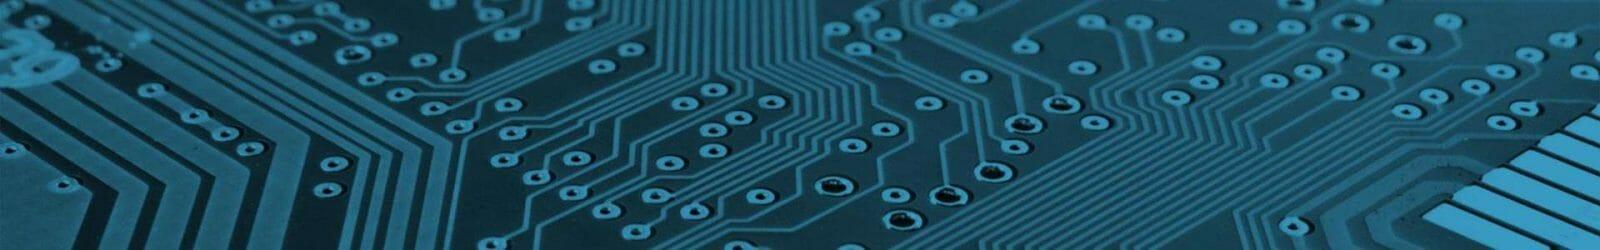 Wypożyczalnia elektroniki Wypożyczalnia elektroniki ele 1